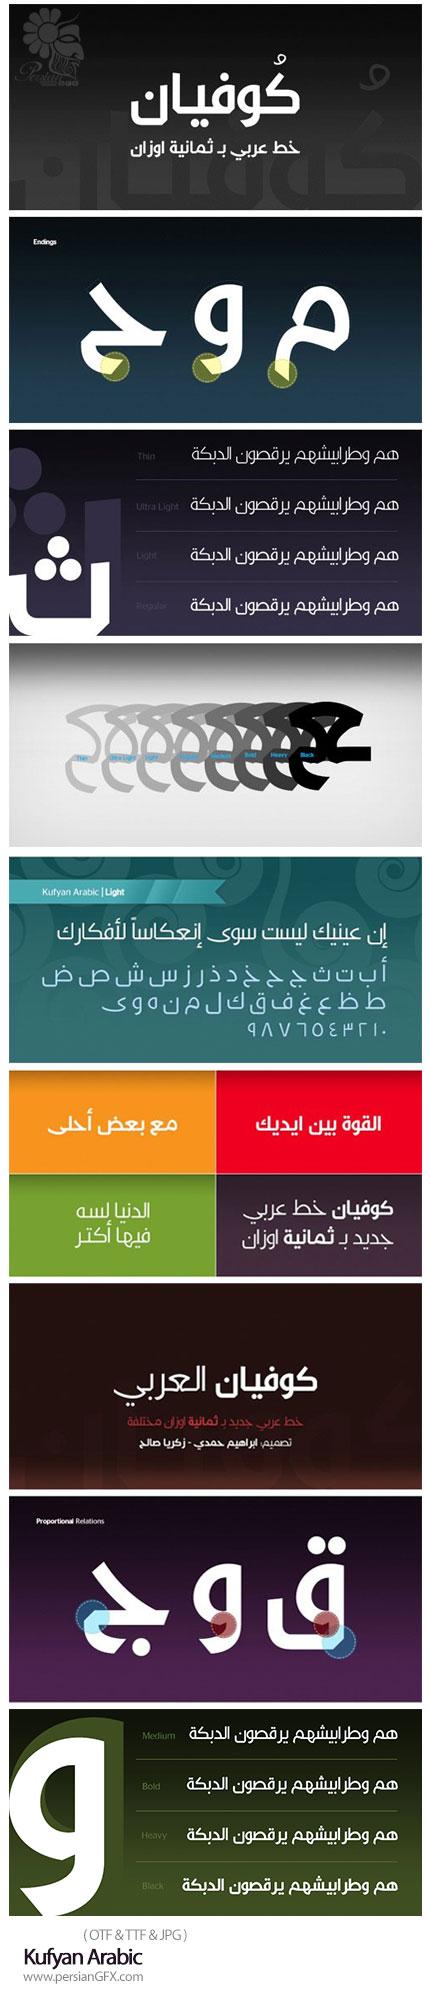 دانلود فونت عربی کوفیان - Kufyan Arabic